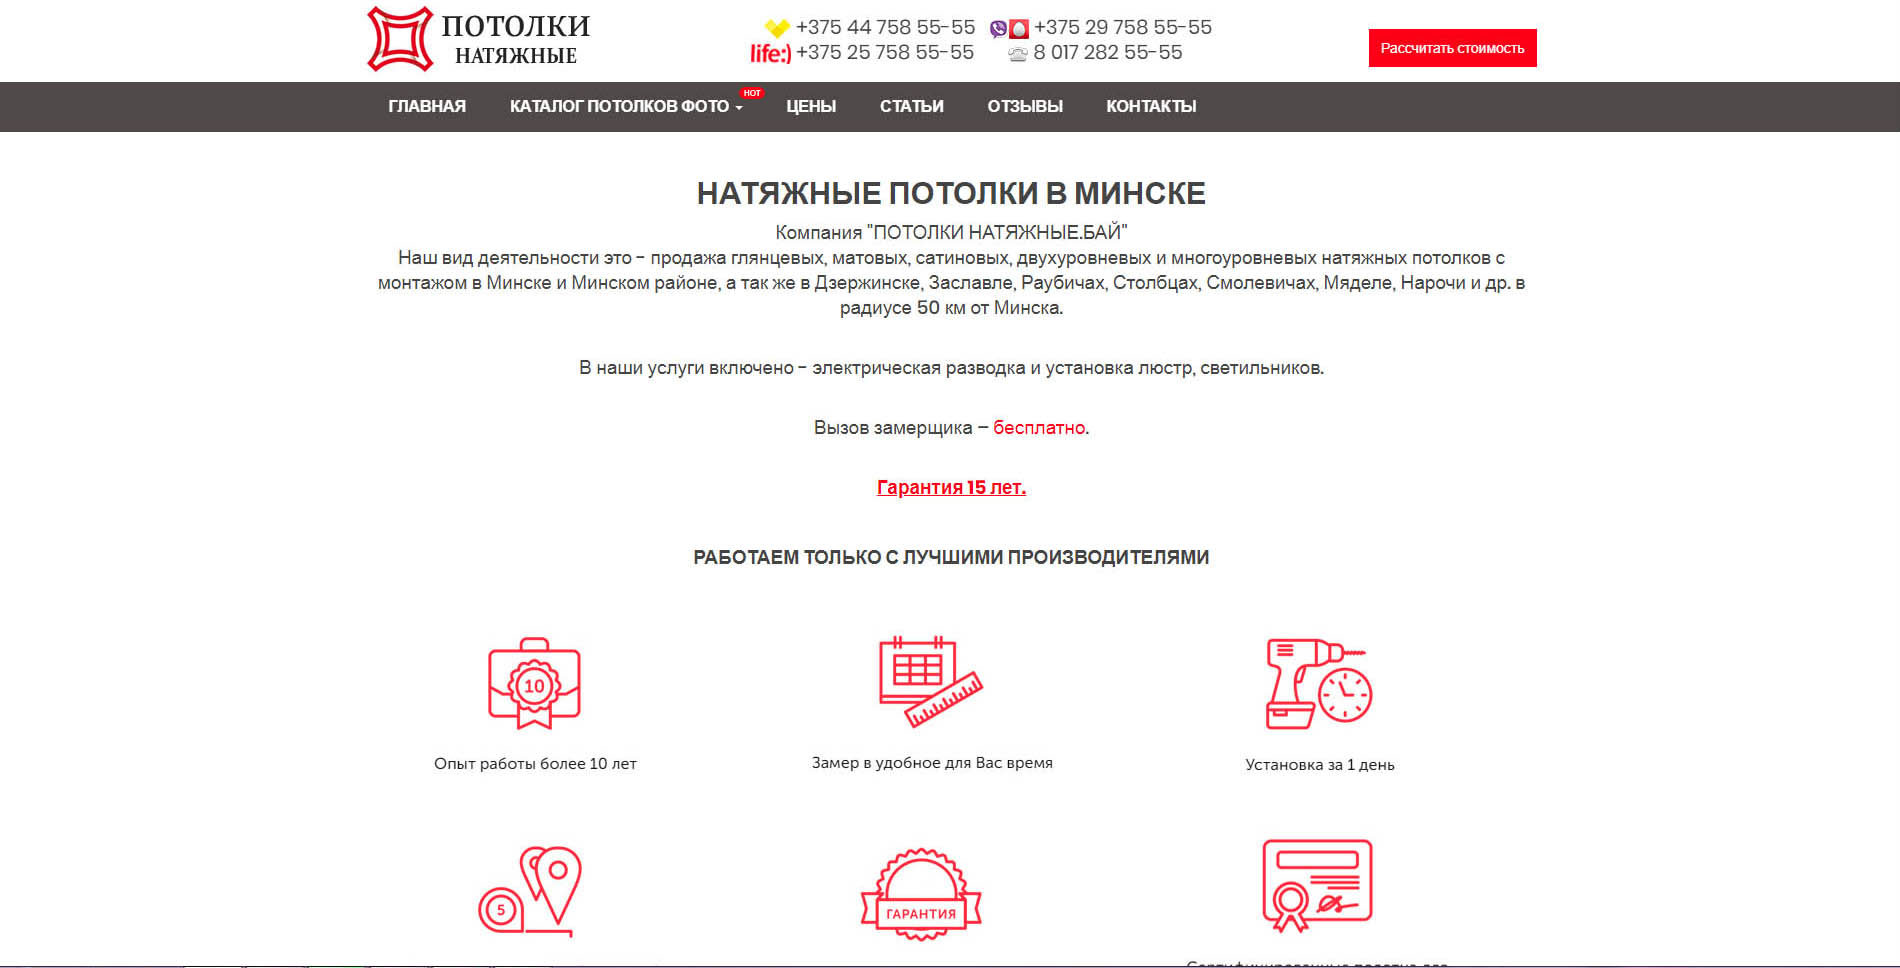 http://razrabotka-sajtov.by/wp-content/uploads/2020/05/potolki-1900x968.jpg